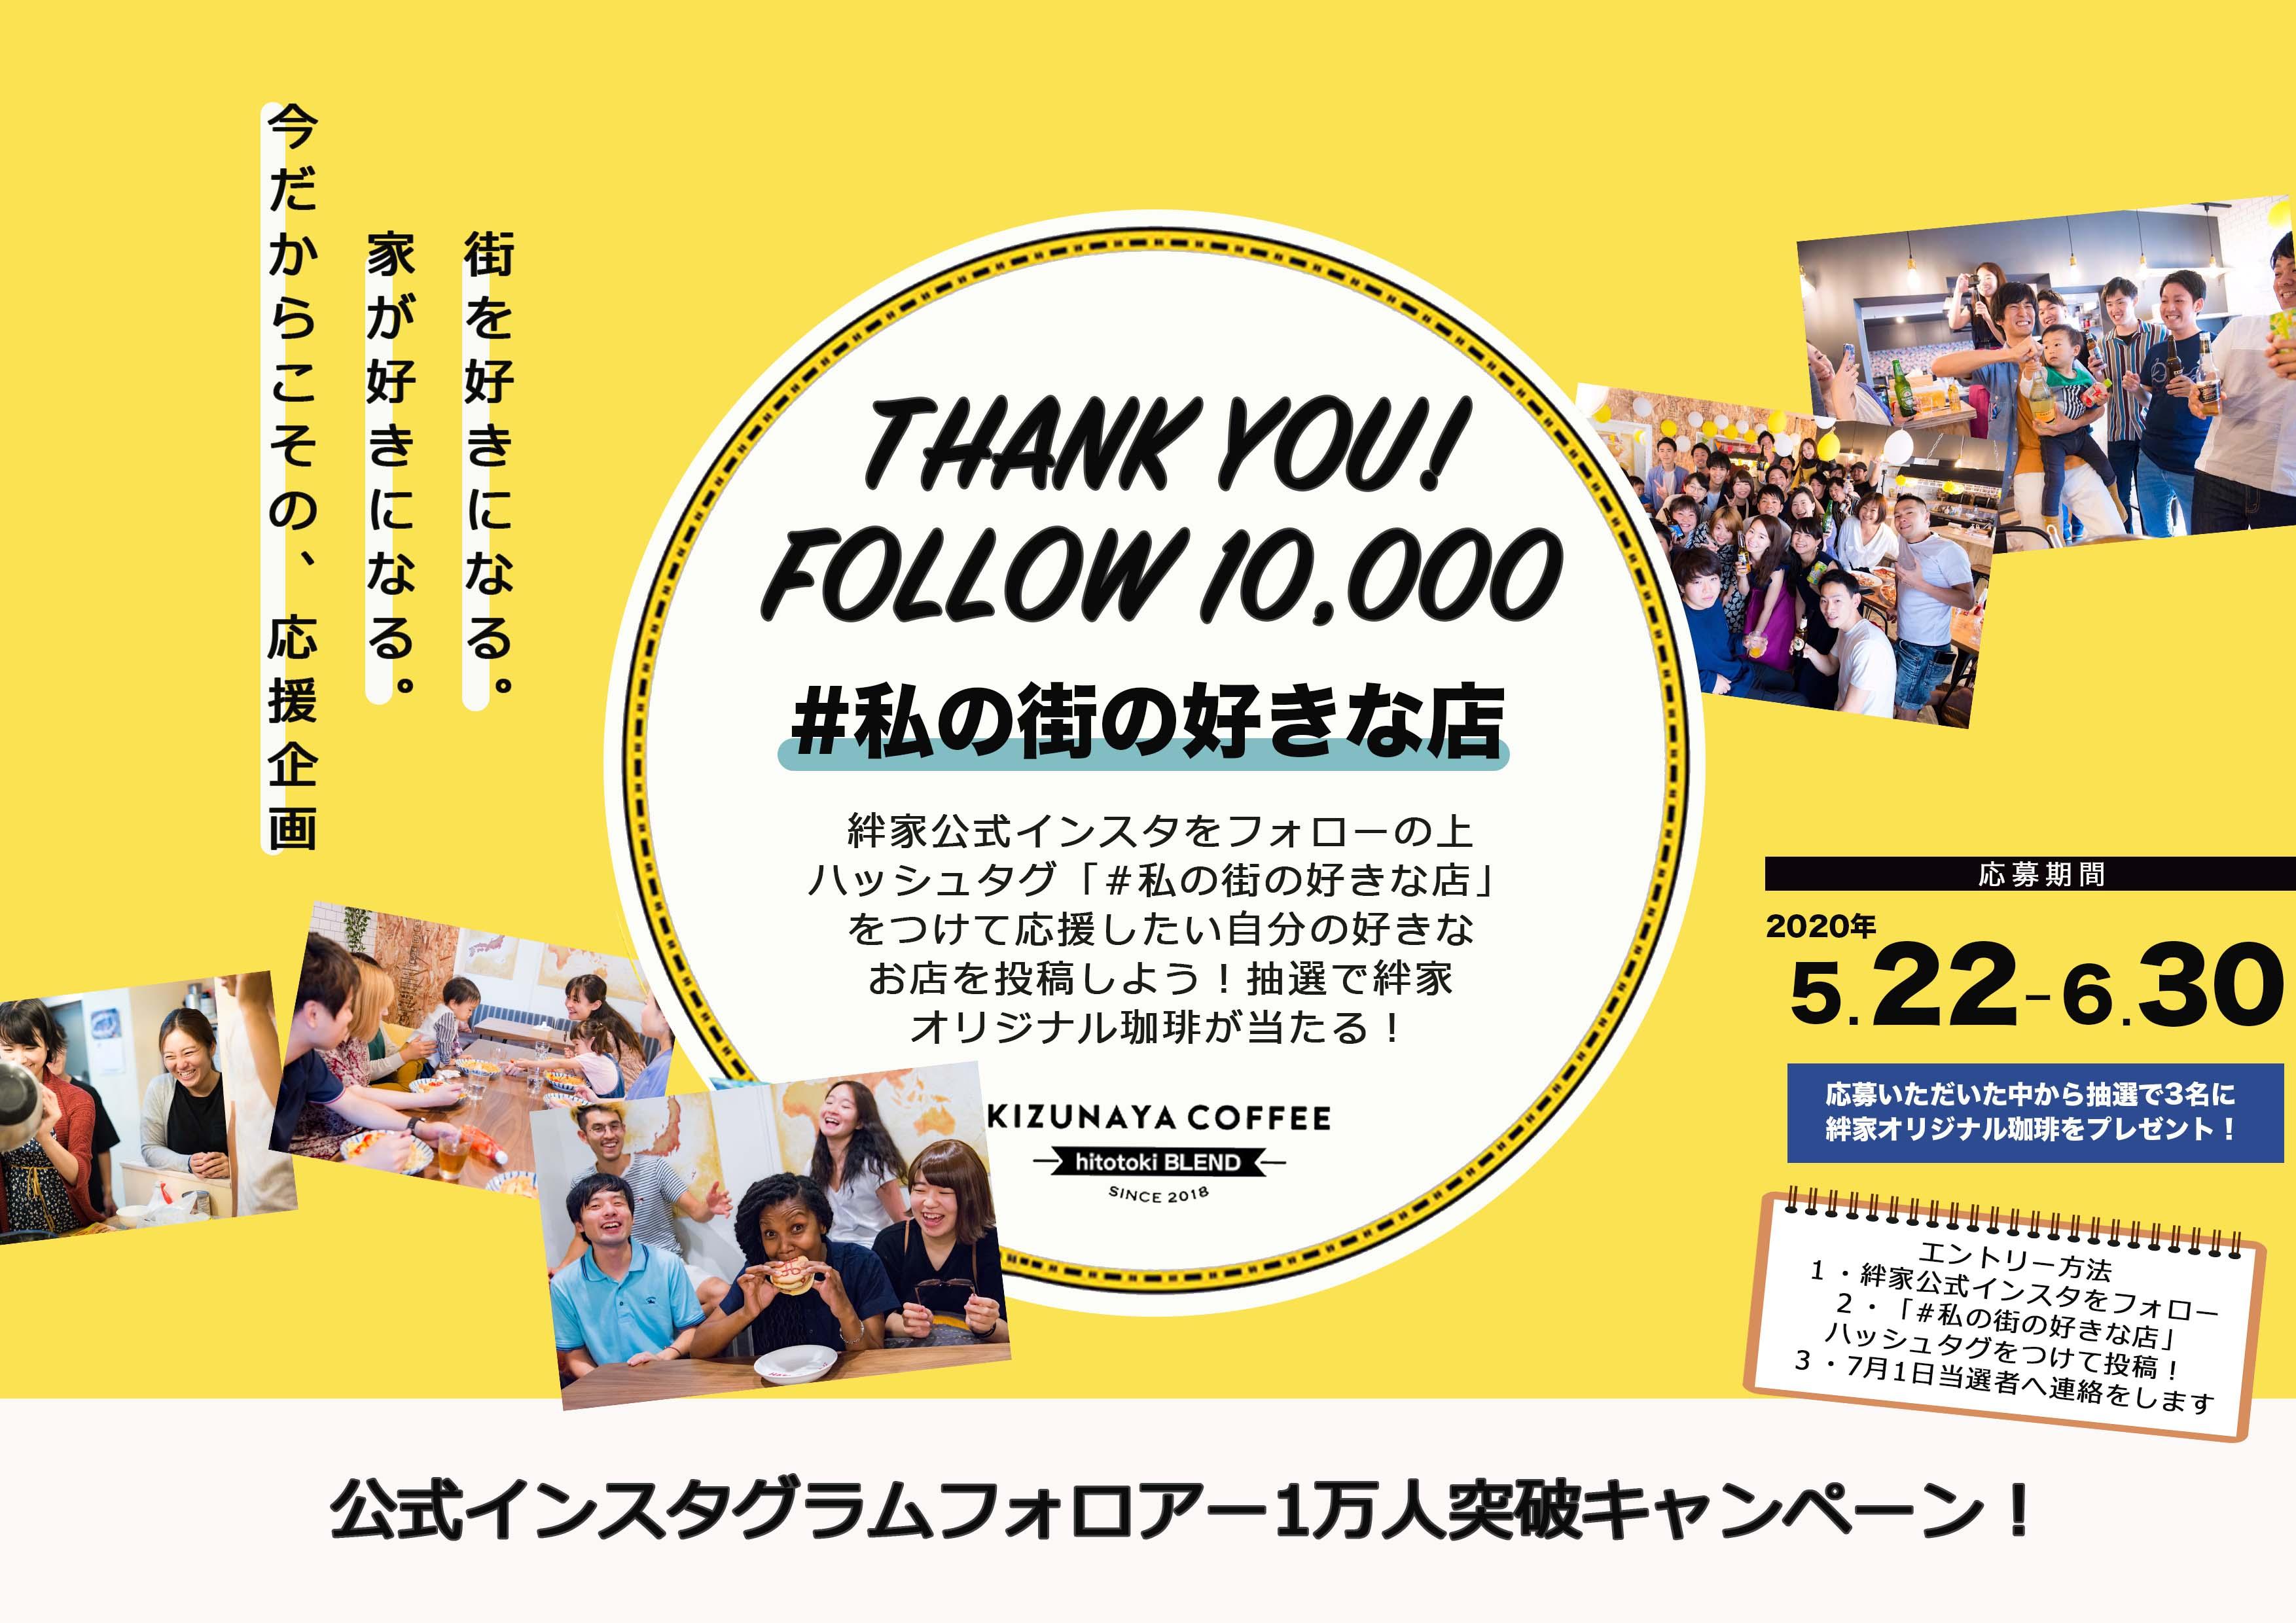 インスタフォロアー1万人突破!THANKYOUキャンペーン開催決定!